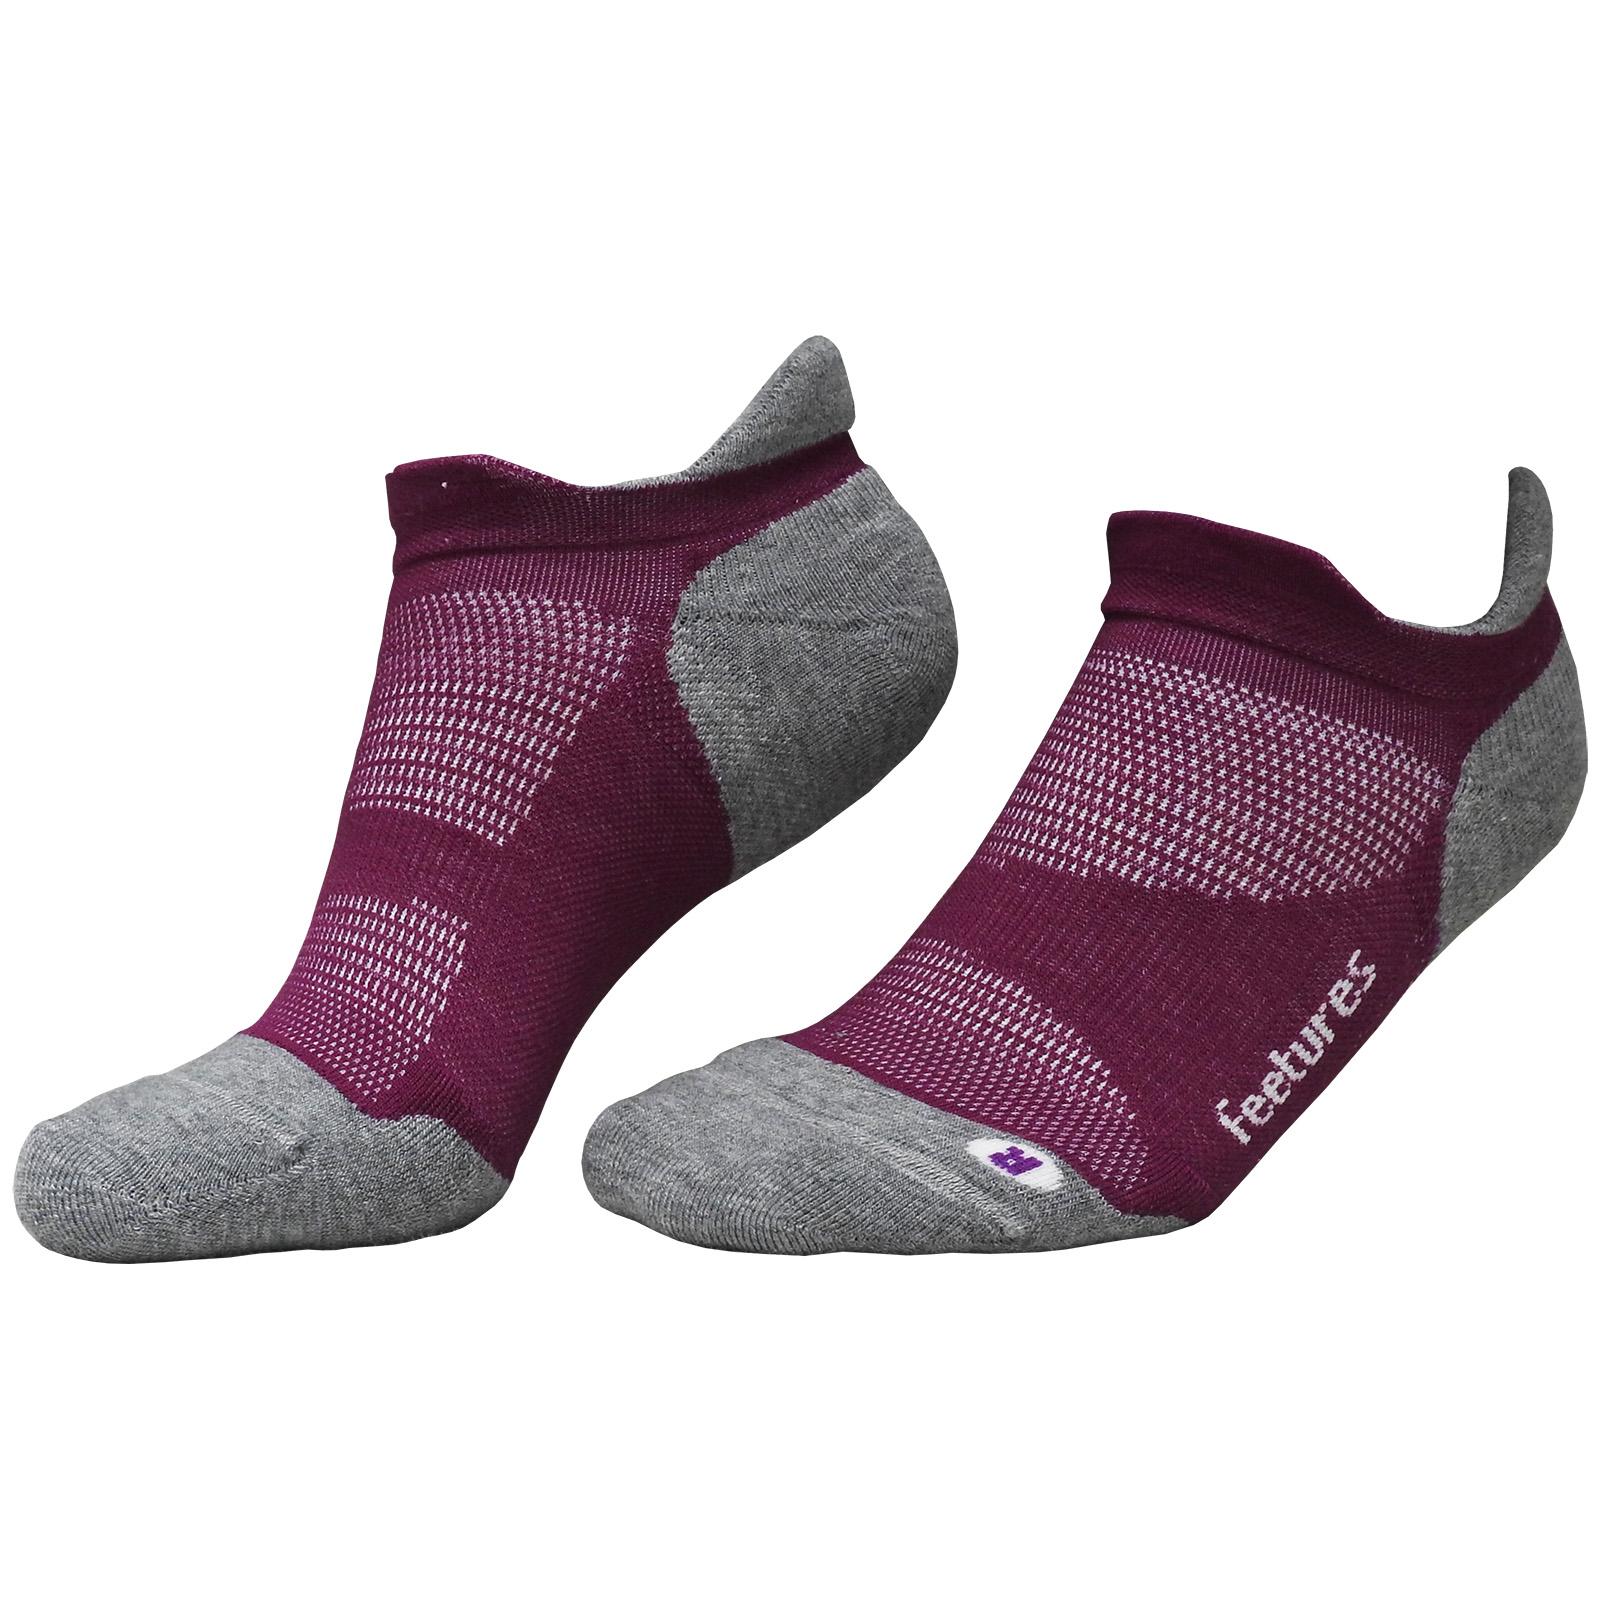 Feetures Elite NST  Premium Sports Running Gym Blister Free Ankle Socks Black